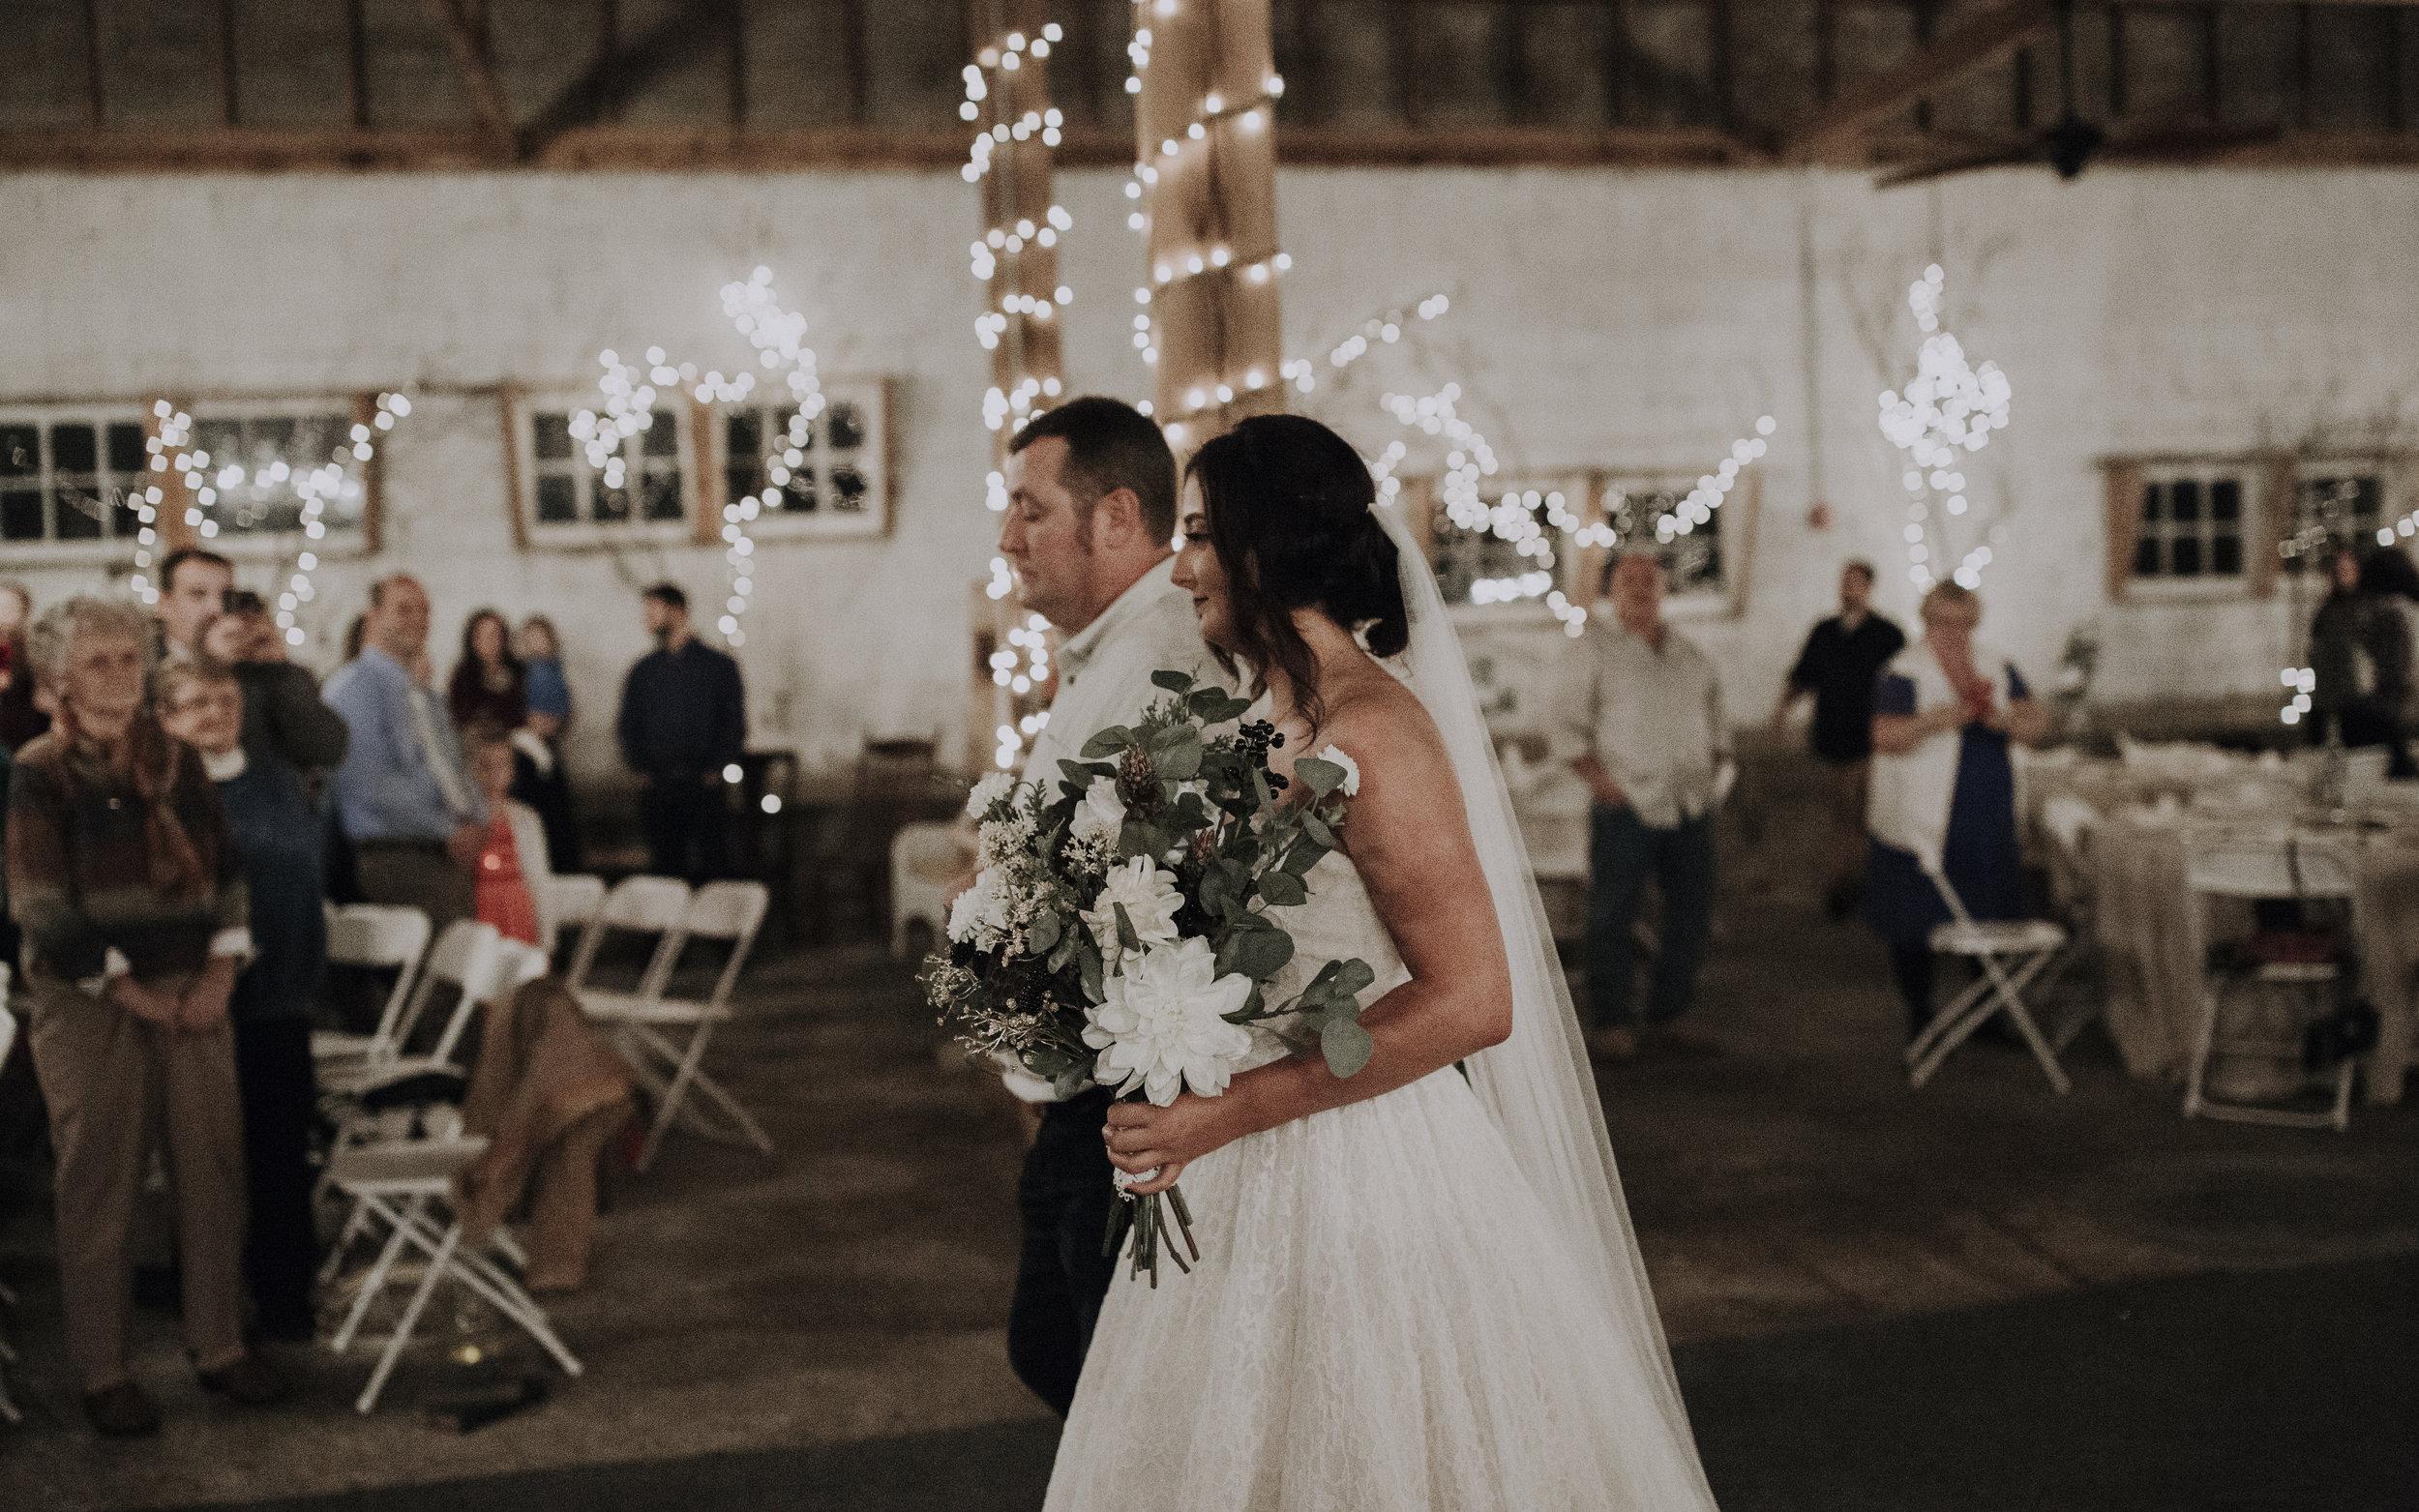 ryan-and-rosie-patterson-wedding-168.jpg